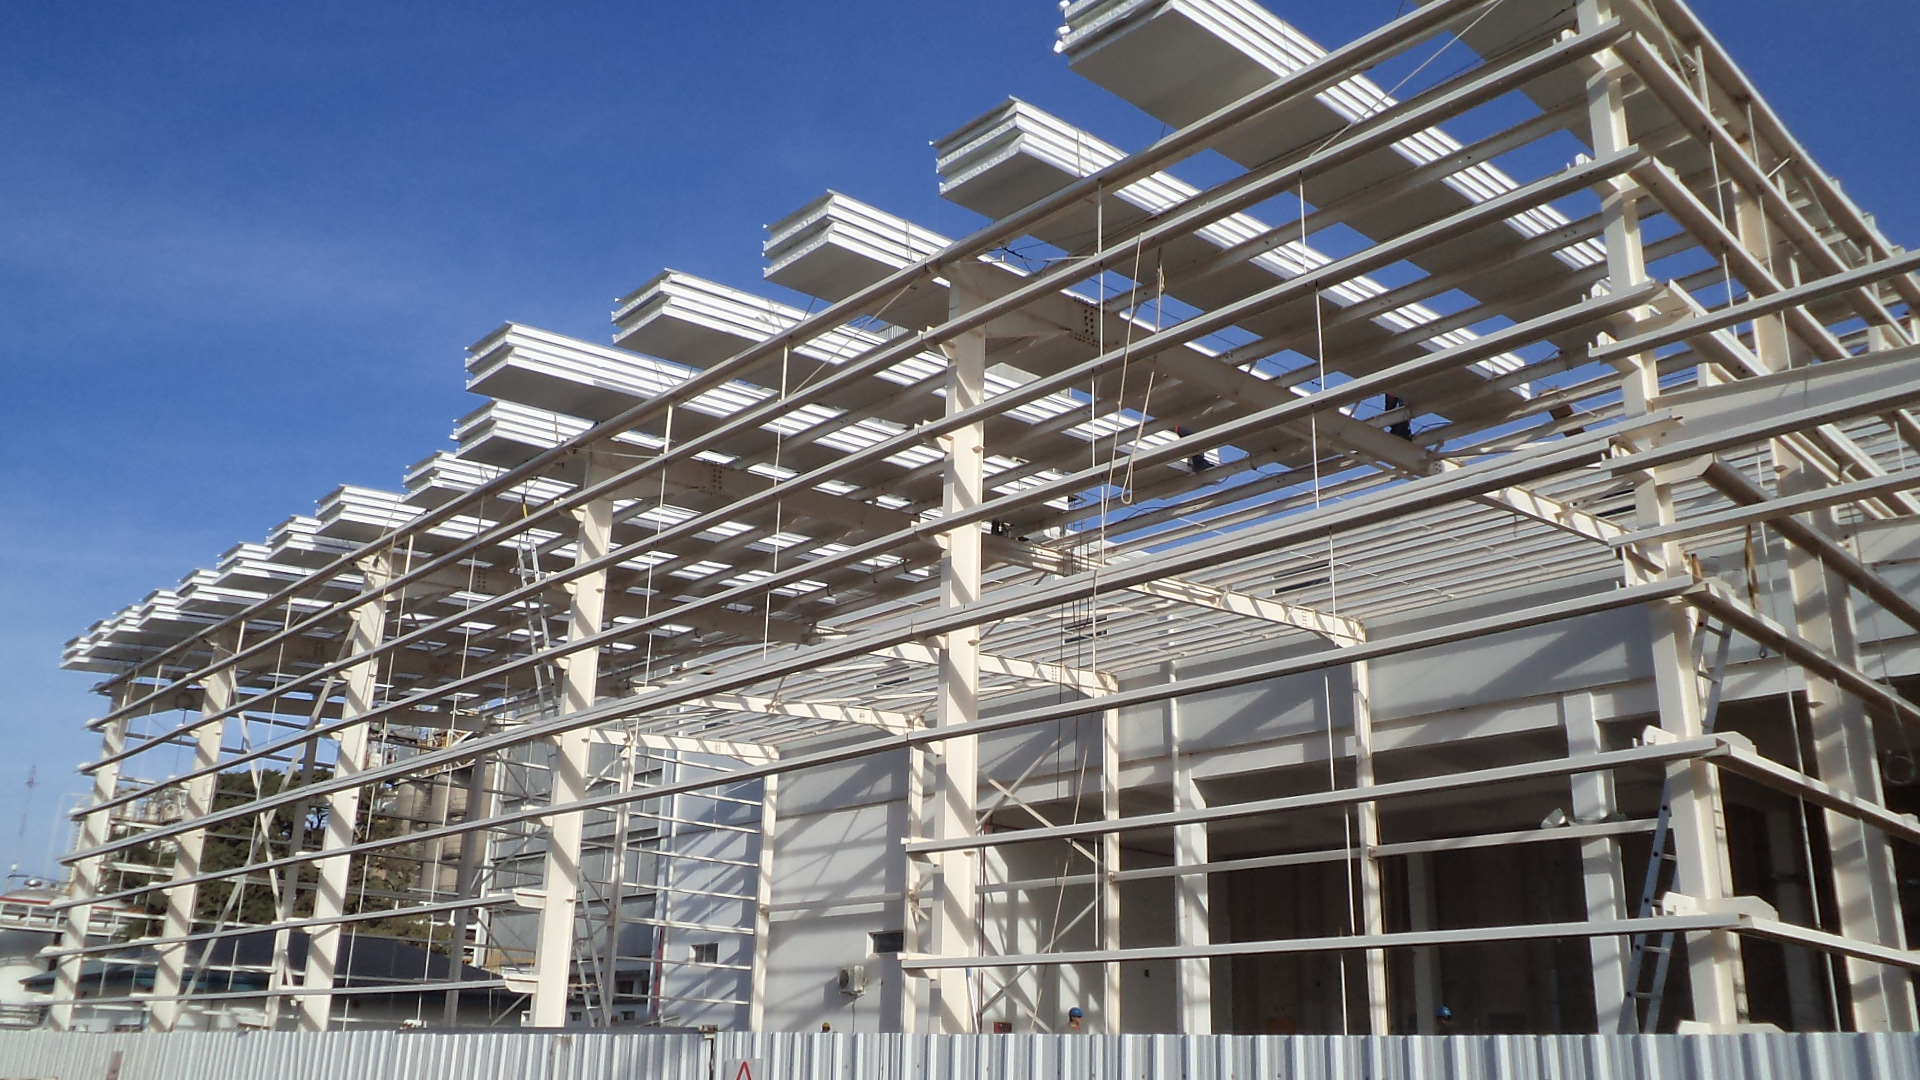 Obras constructora cocyar su proyecto nuestro compromiso - Fotos de construcciones metalicas ...